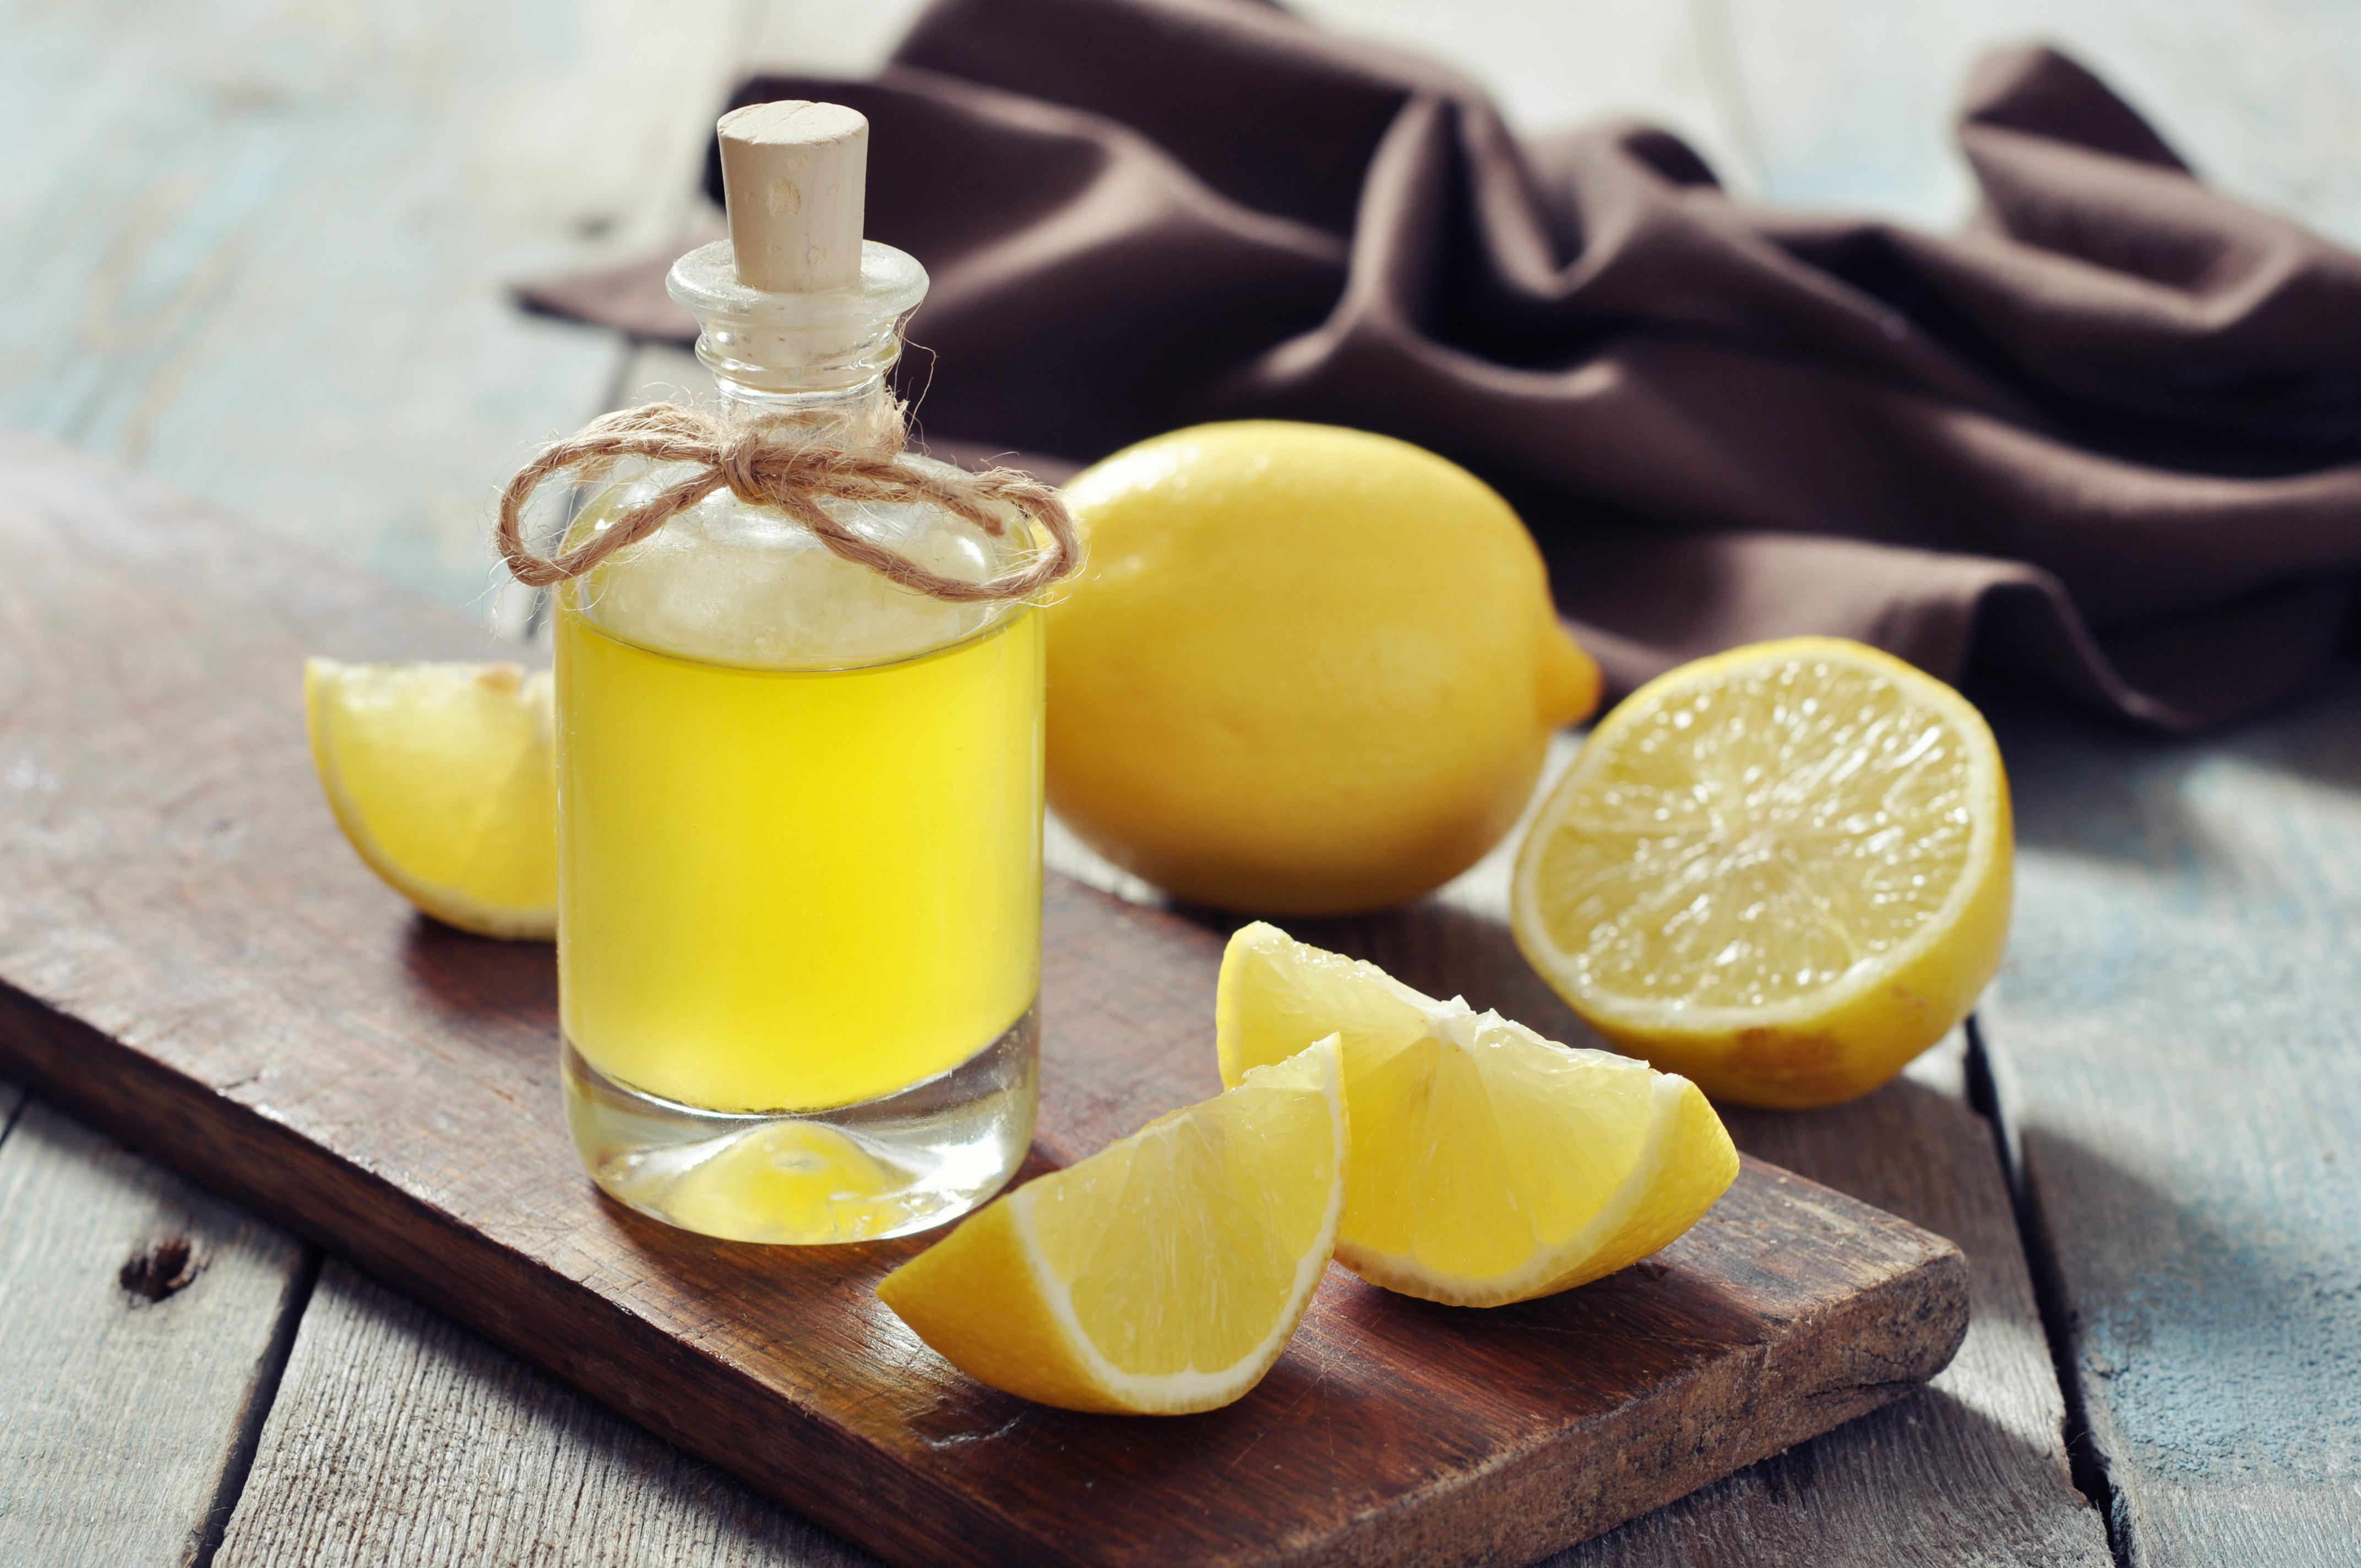 Lemon oil in a glass bottle with fresh lemon on wooden background